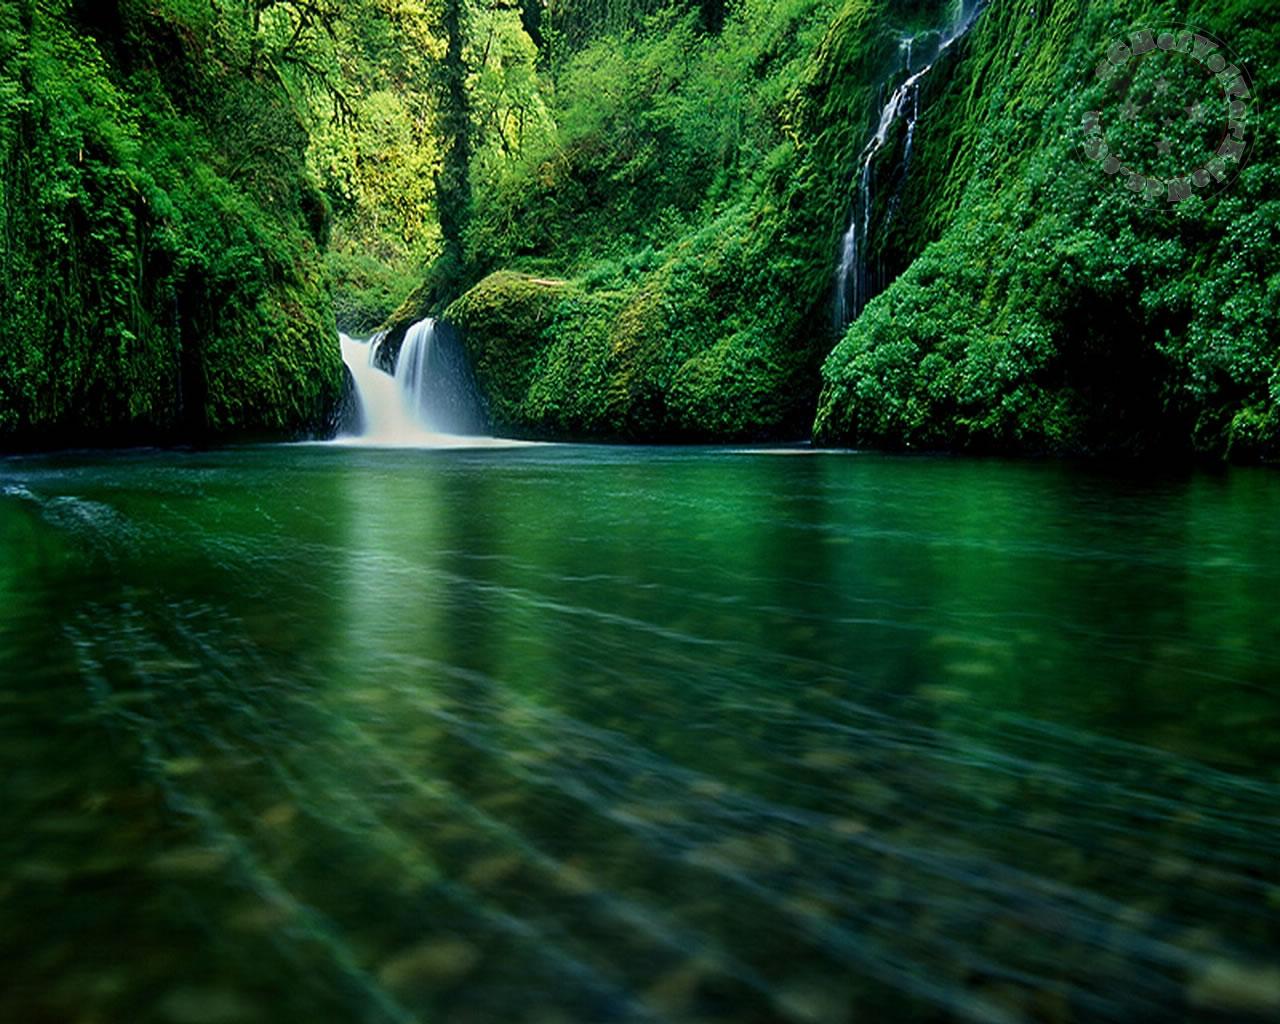 http://4.bp.blogspot.com/-0jI6Un5eyzM/TZcty-Rqr7I/AAAAAAAAAao/ms4MVgTjbxc/s1600/paisagem_001.jpg